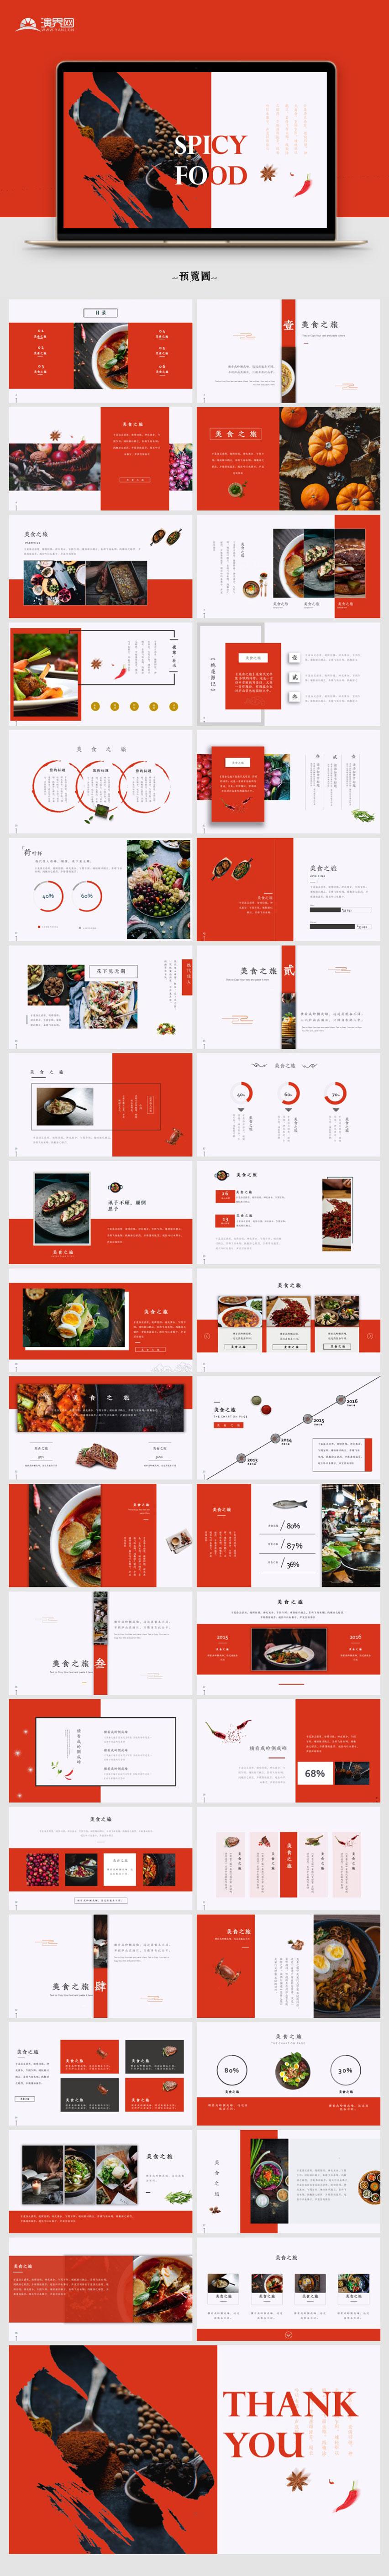 【杂志风】红色餐饮美食杂志风简约模板